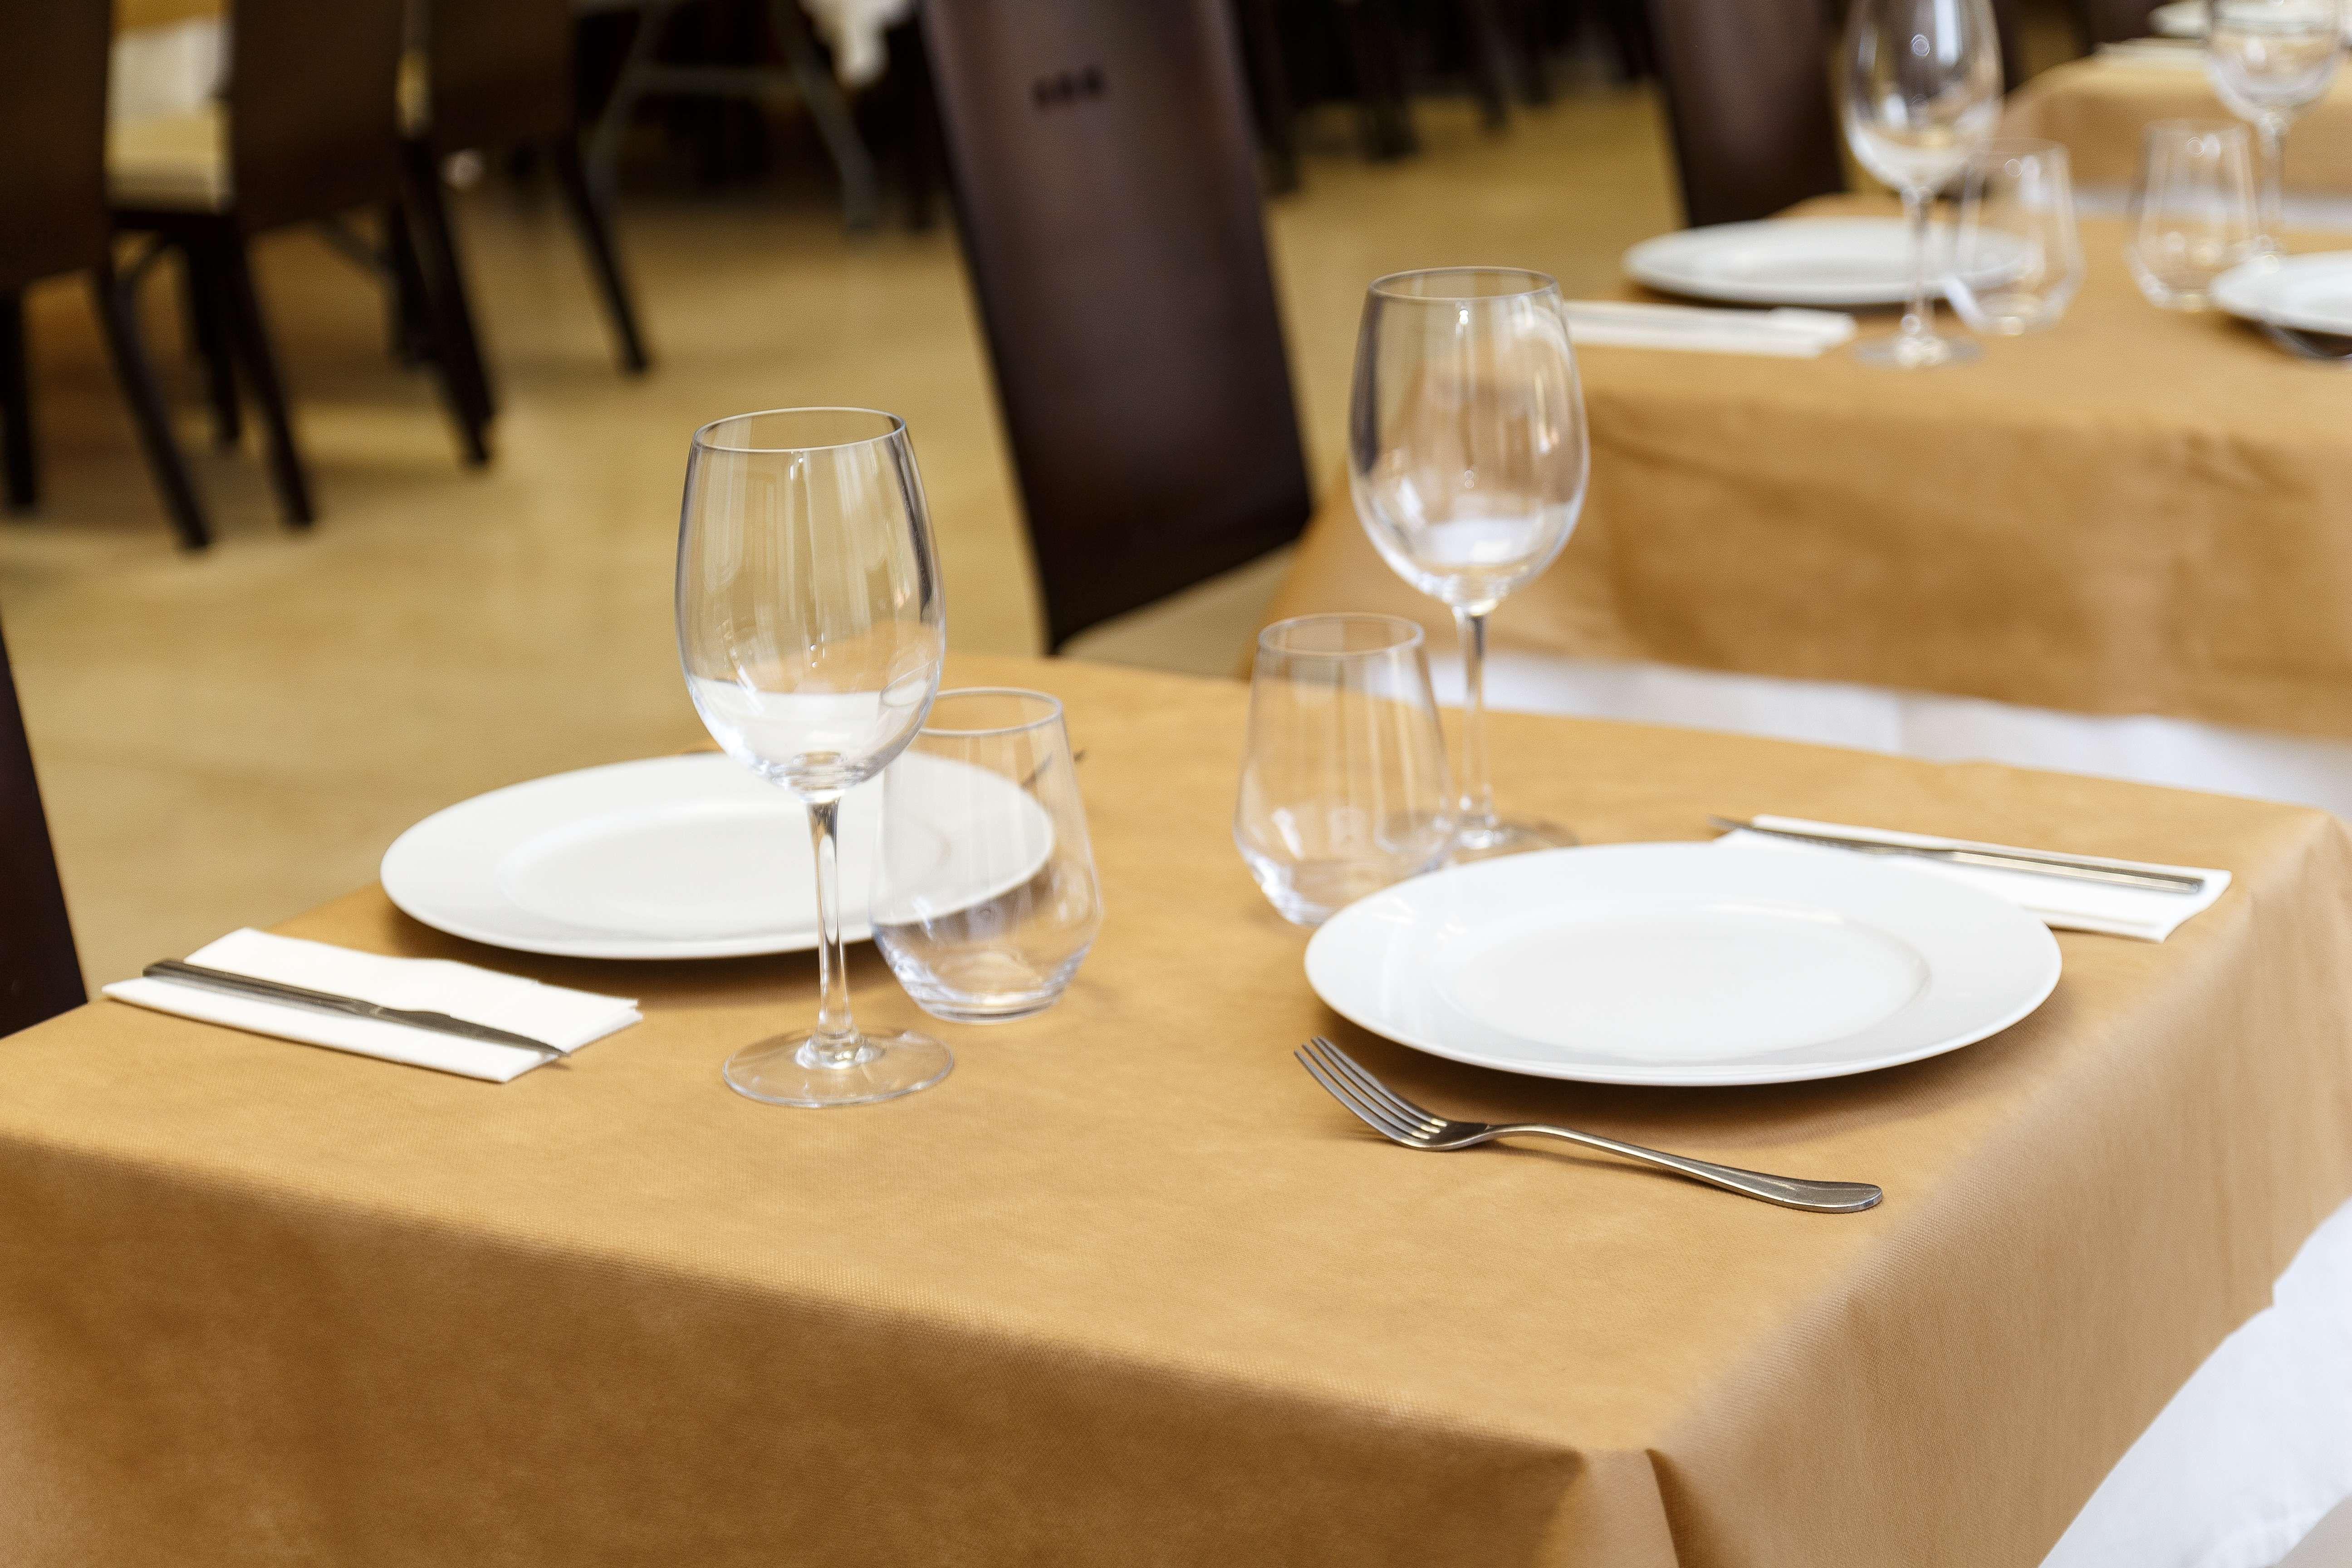 Picture 23 of Arrocerías in L'Eliana   Restaurante Tenis Las Vegas